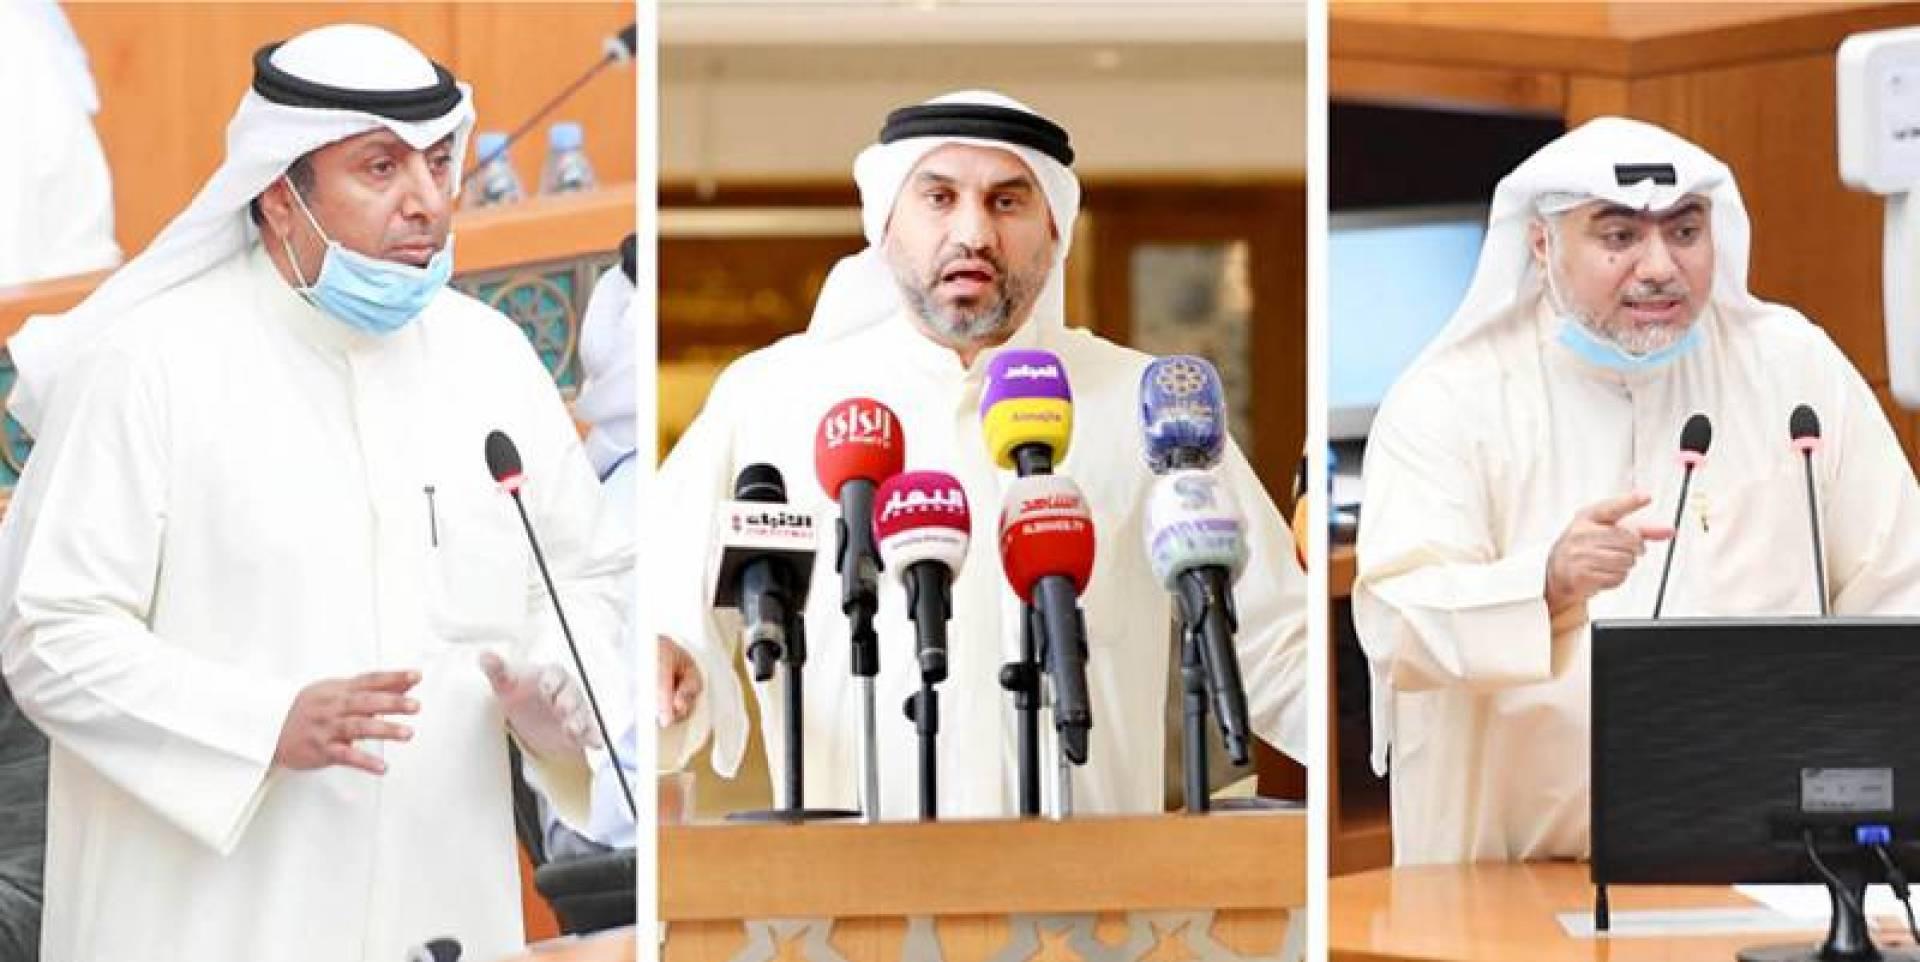 خالد الشطي - عبدالله الكندري - بدر الملا